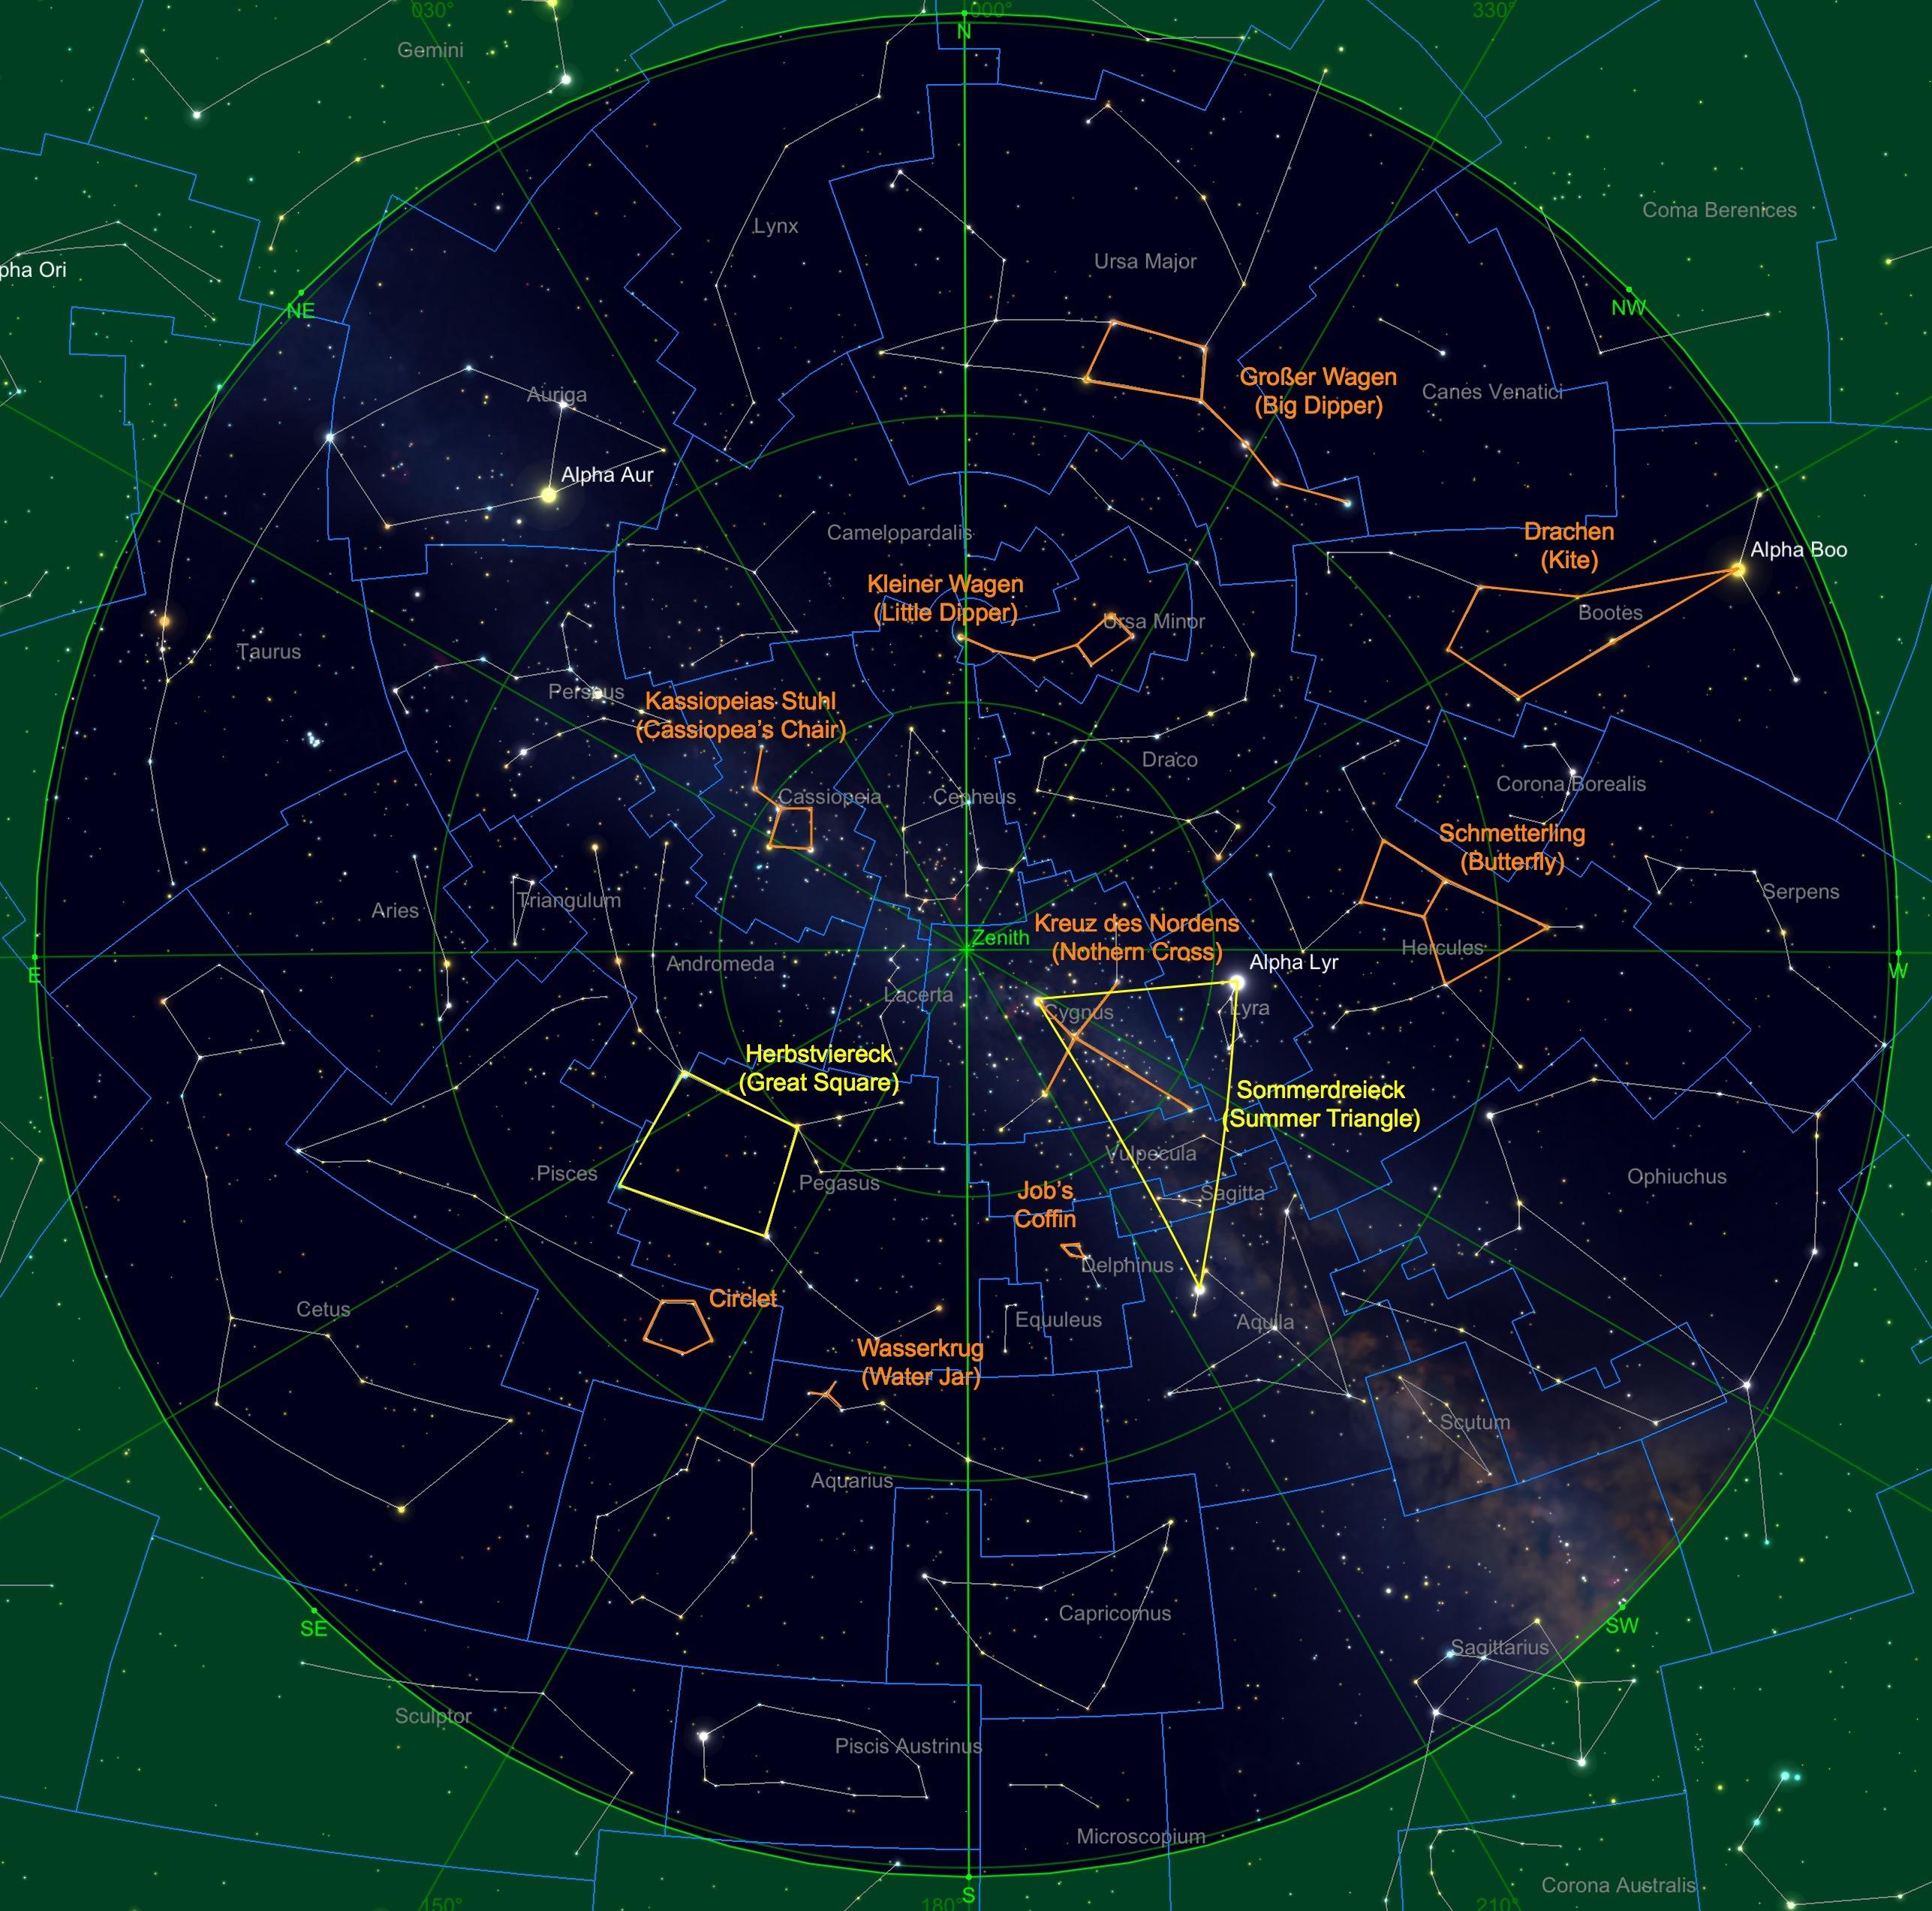 Sternhimmel am 15.09. um 23:00 Uhr